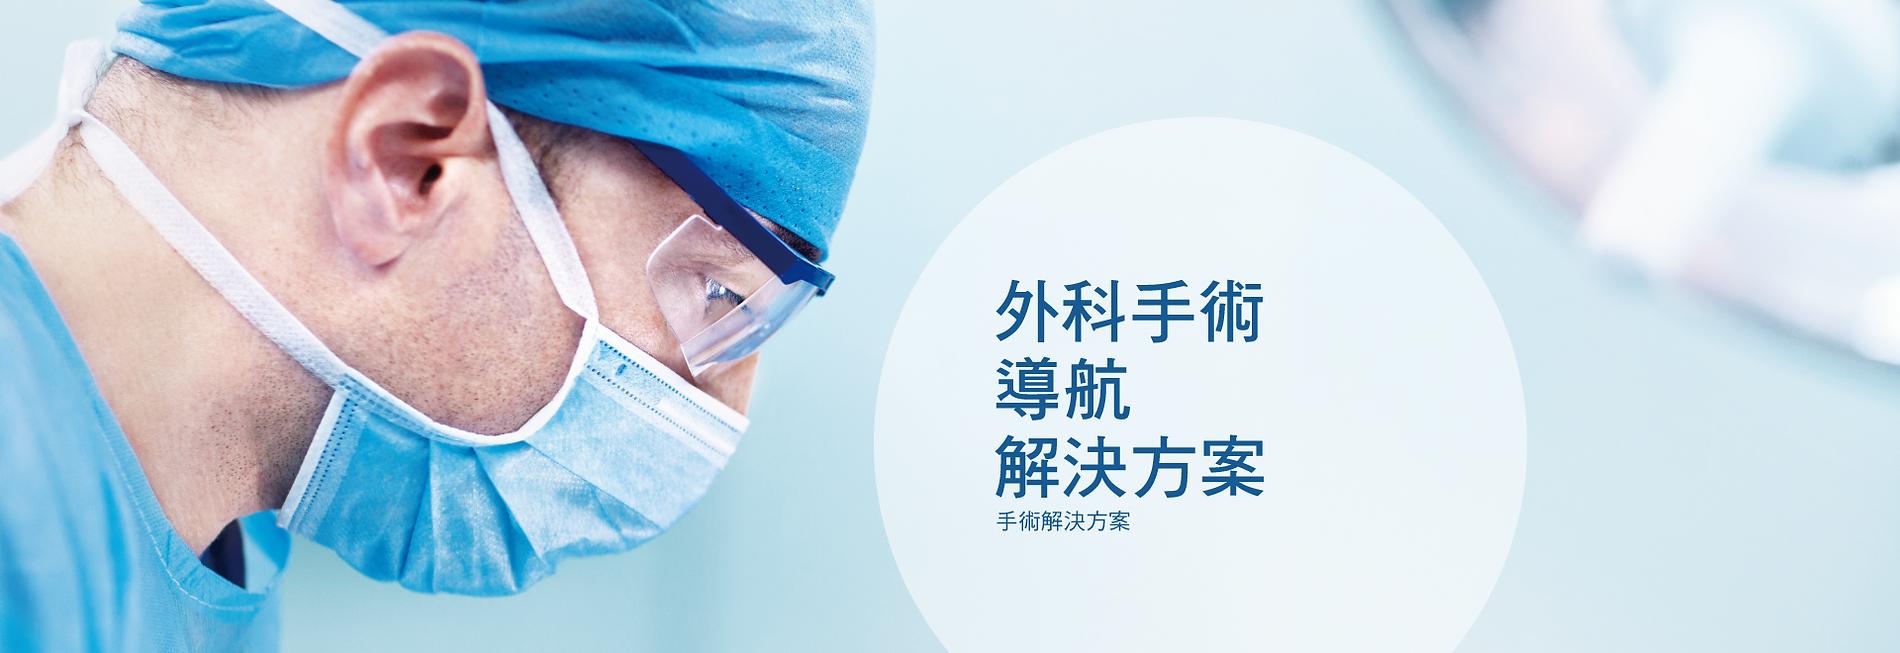 外科手術外科手術導航解決方案_2.png